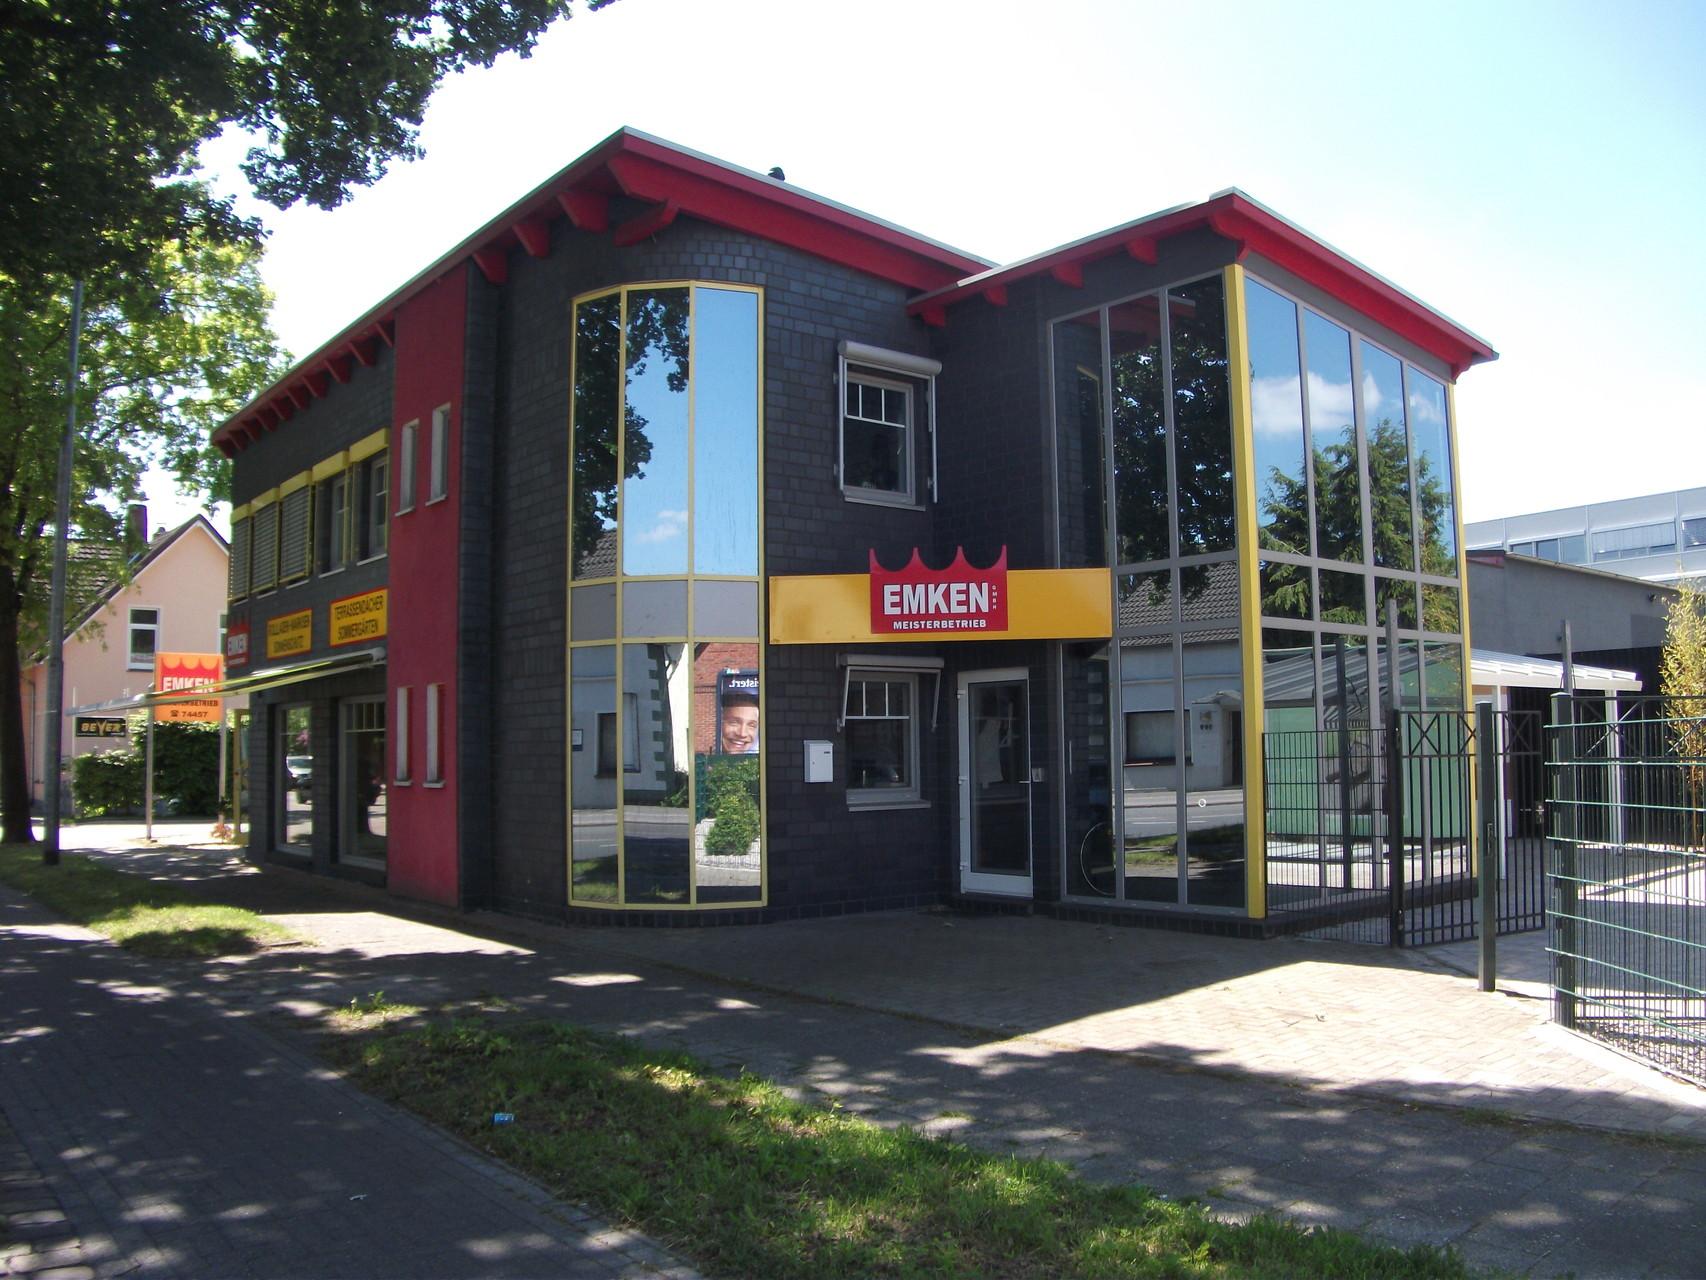 Markisen Oldenburg start emken sonnenschutzsysteme oldenburg